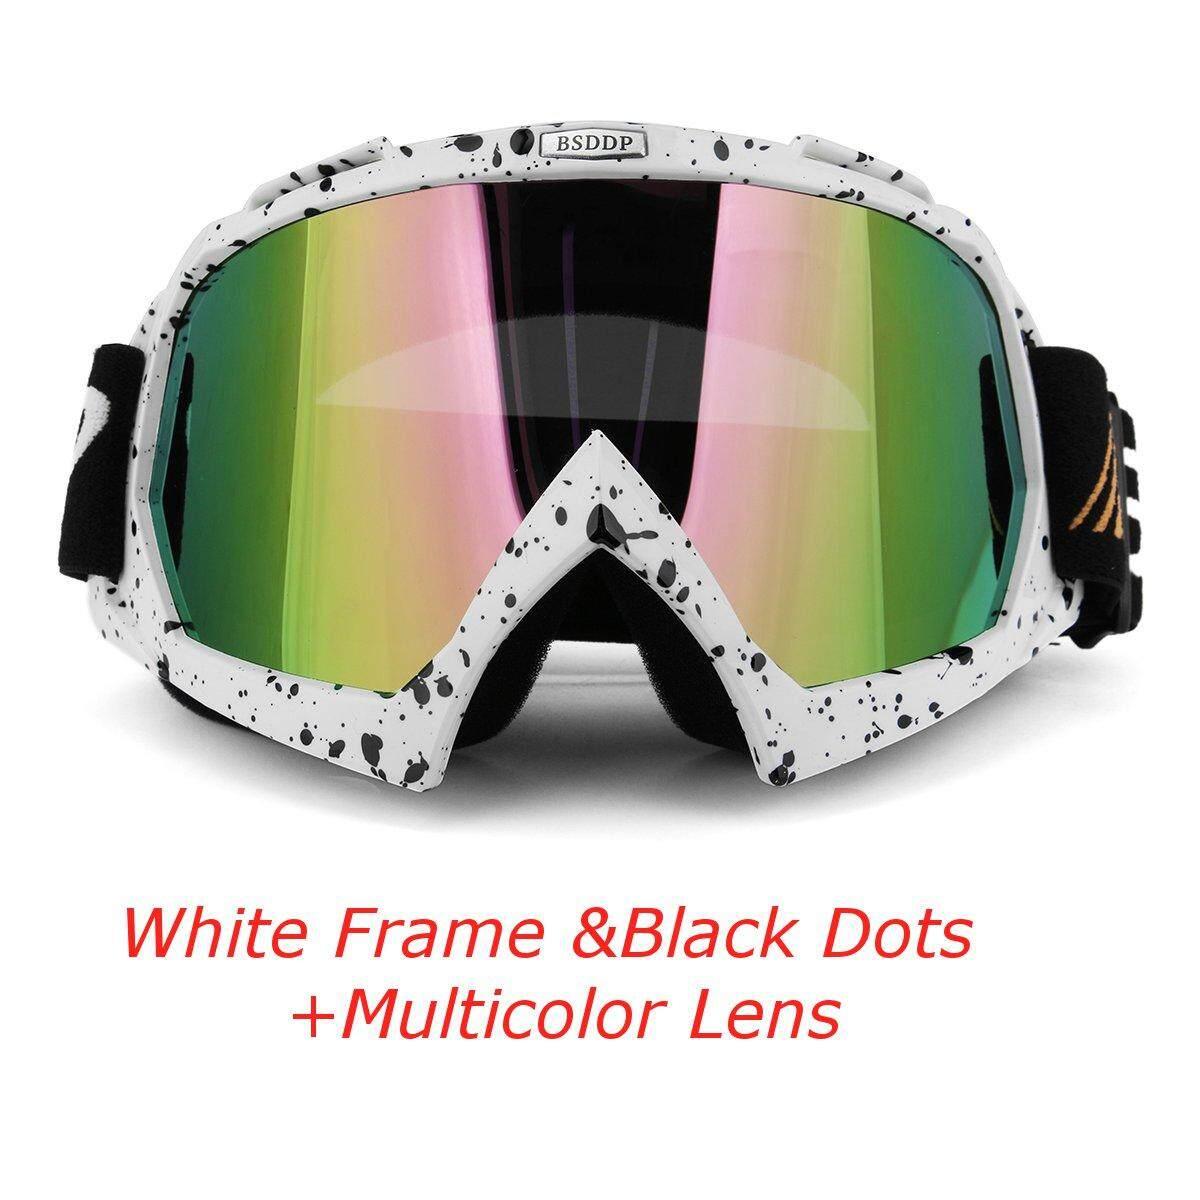 Modis Helm Motocross Kacamata Bersepeda Kacamata Kacamata Tahan Angin Ski Balap Mati-Jalan UV Kacamata